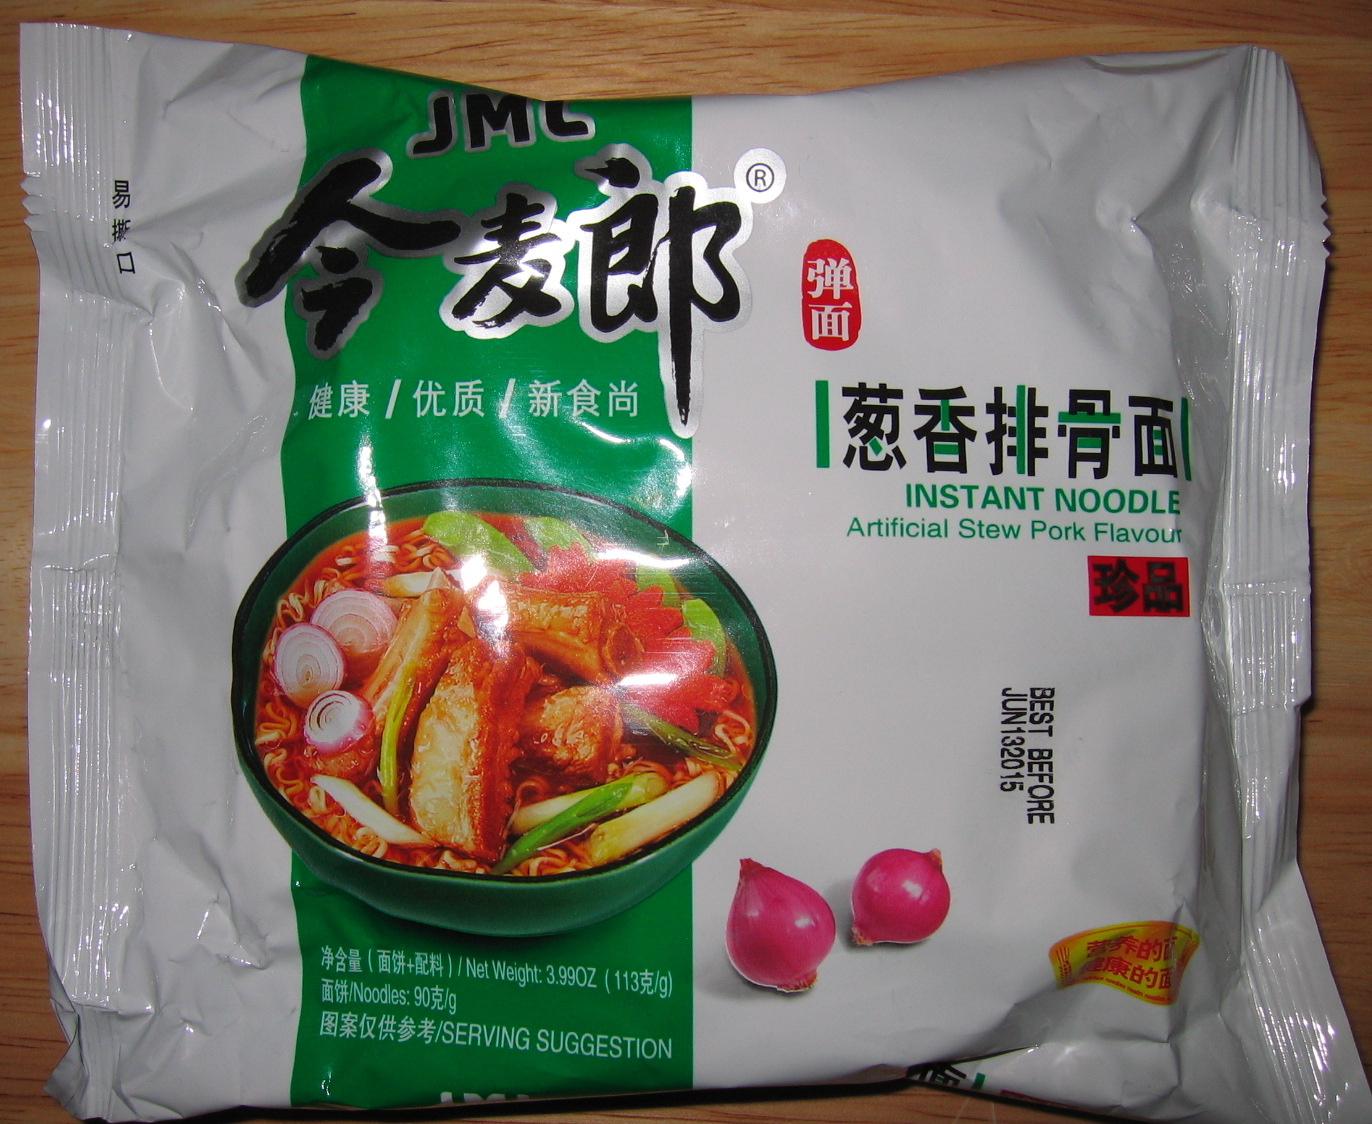 Instant Noodle Artificial Stew Pork Flavor - Product - en